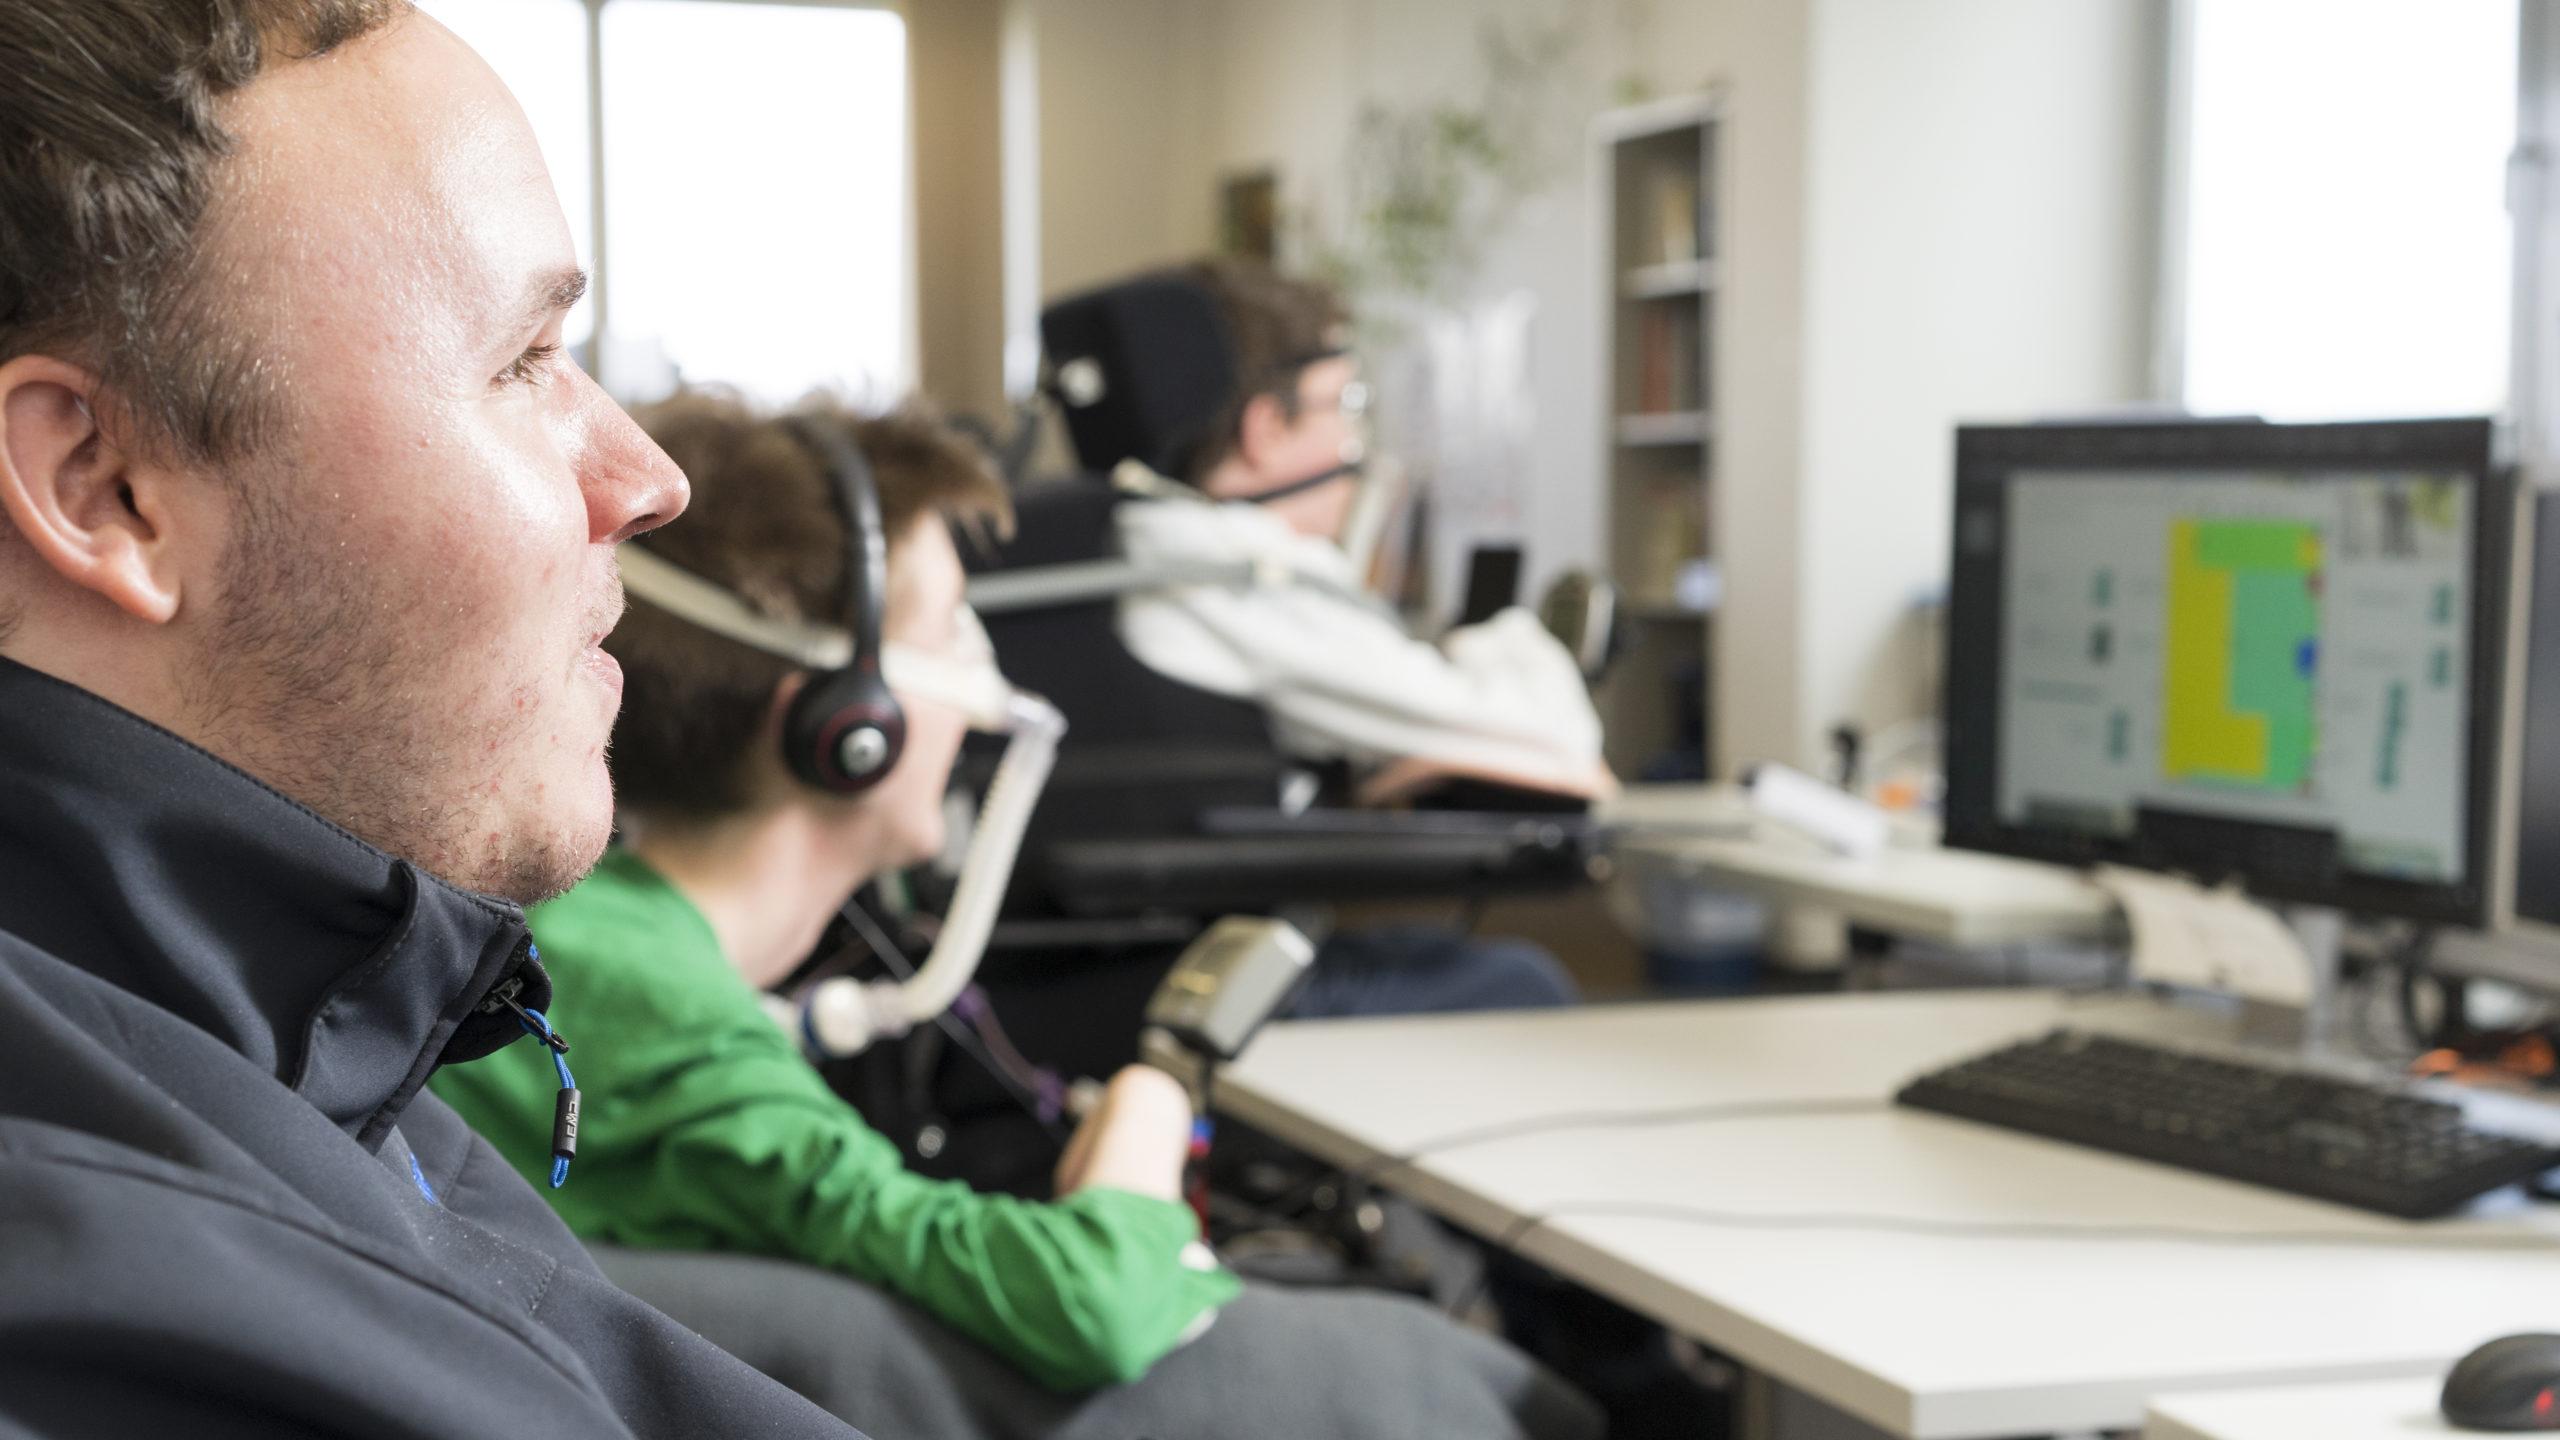 Drei körperbehinderte Männer an ihrem PC-Arbeitsplatz